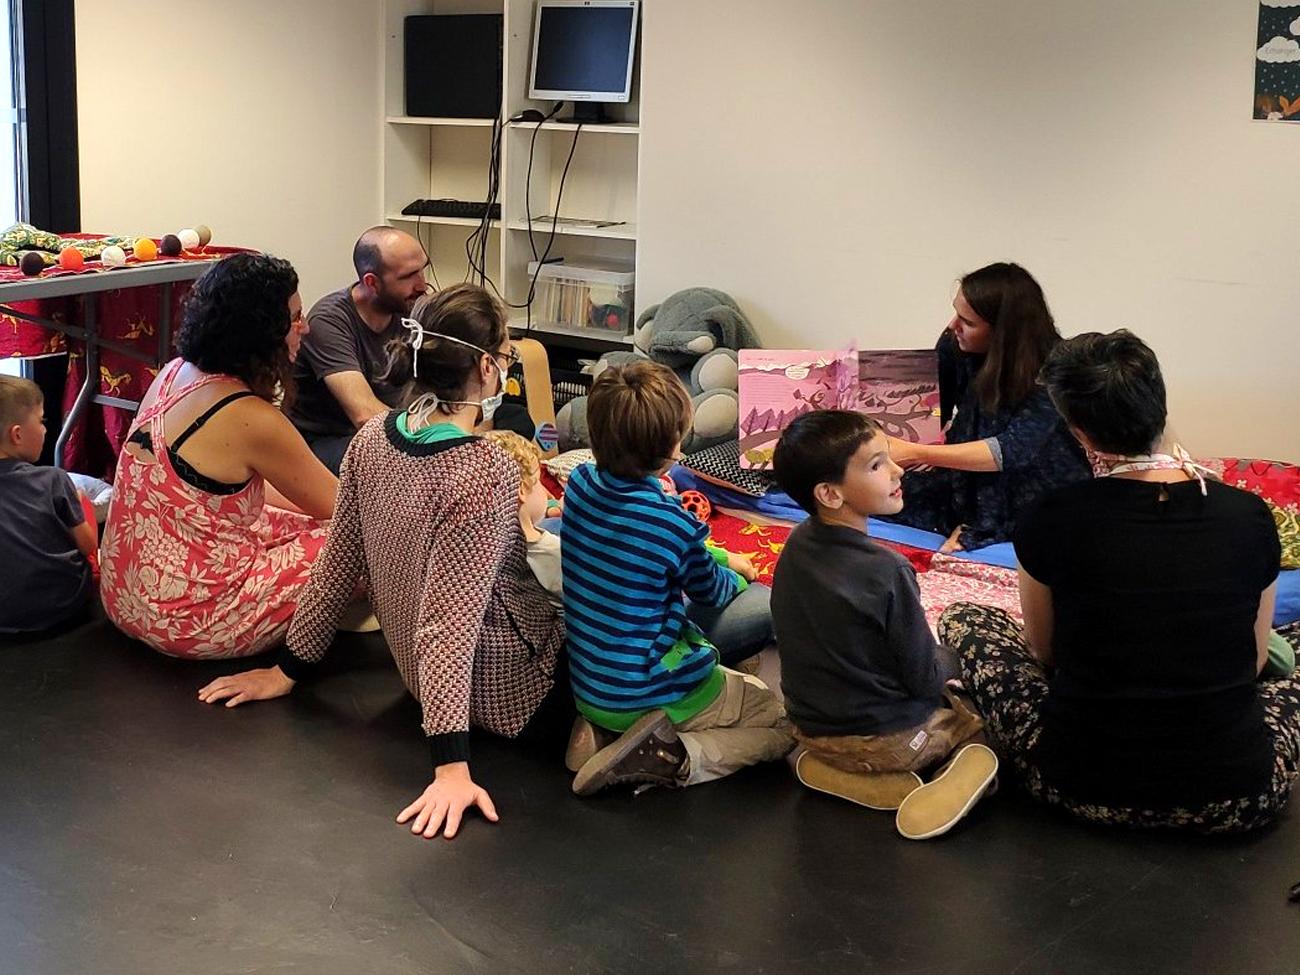 L'association Luska' organise des rencontres entre parents, professionnels & enfants